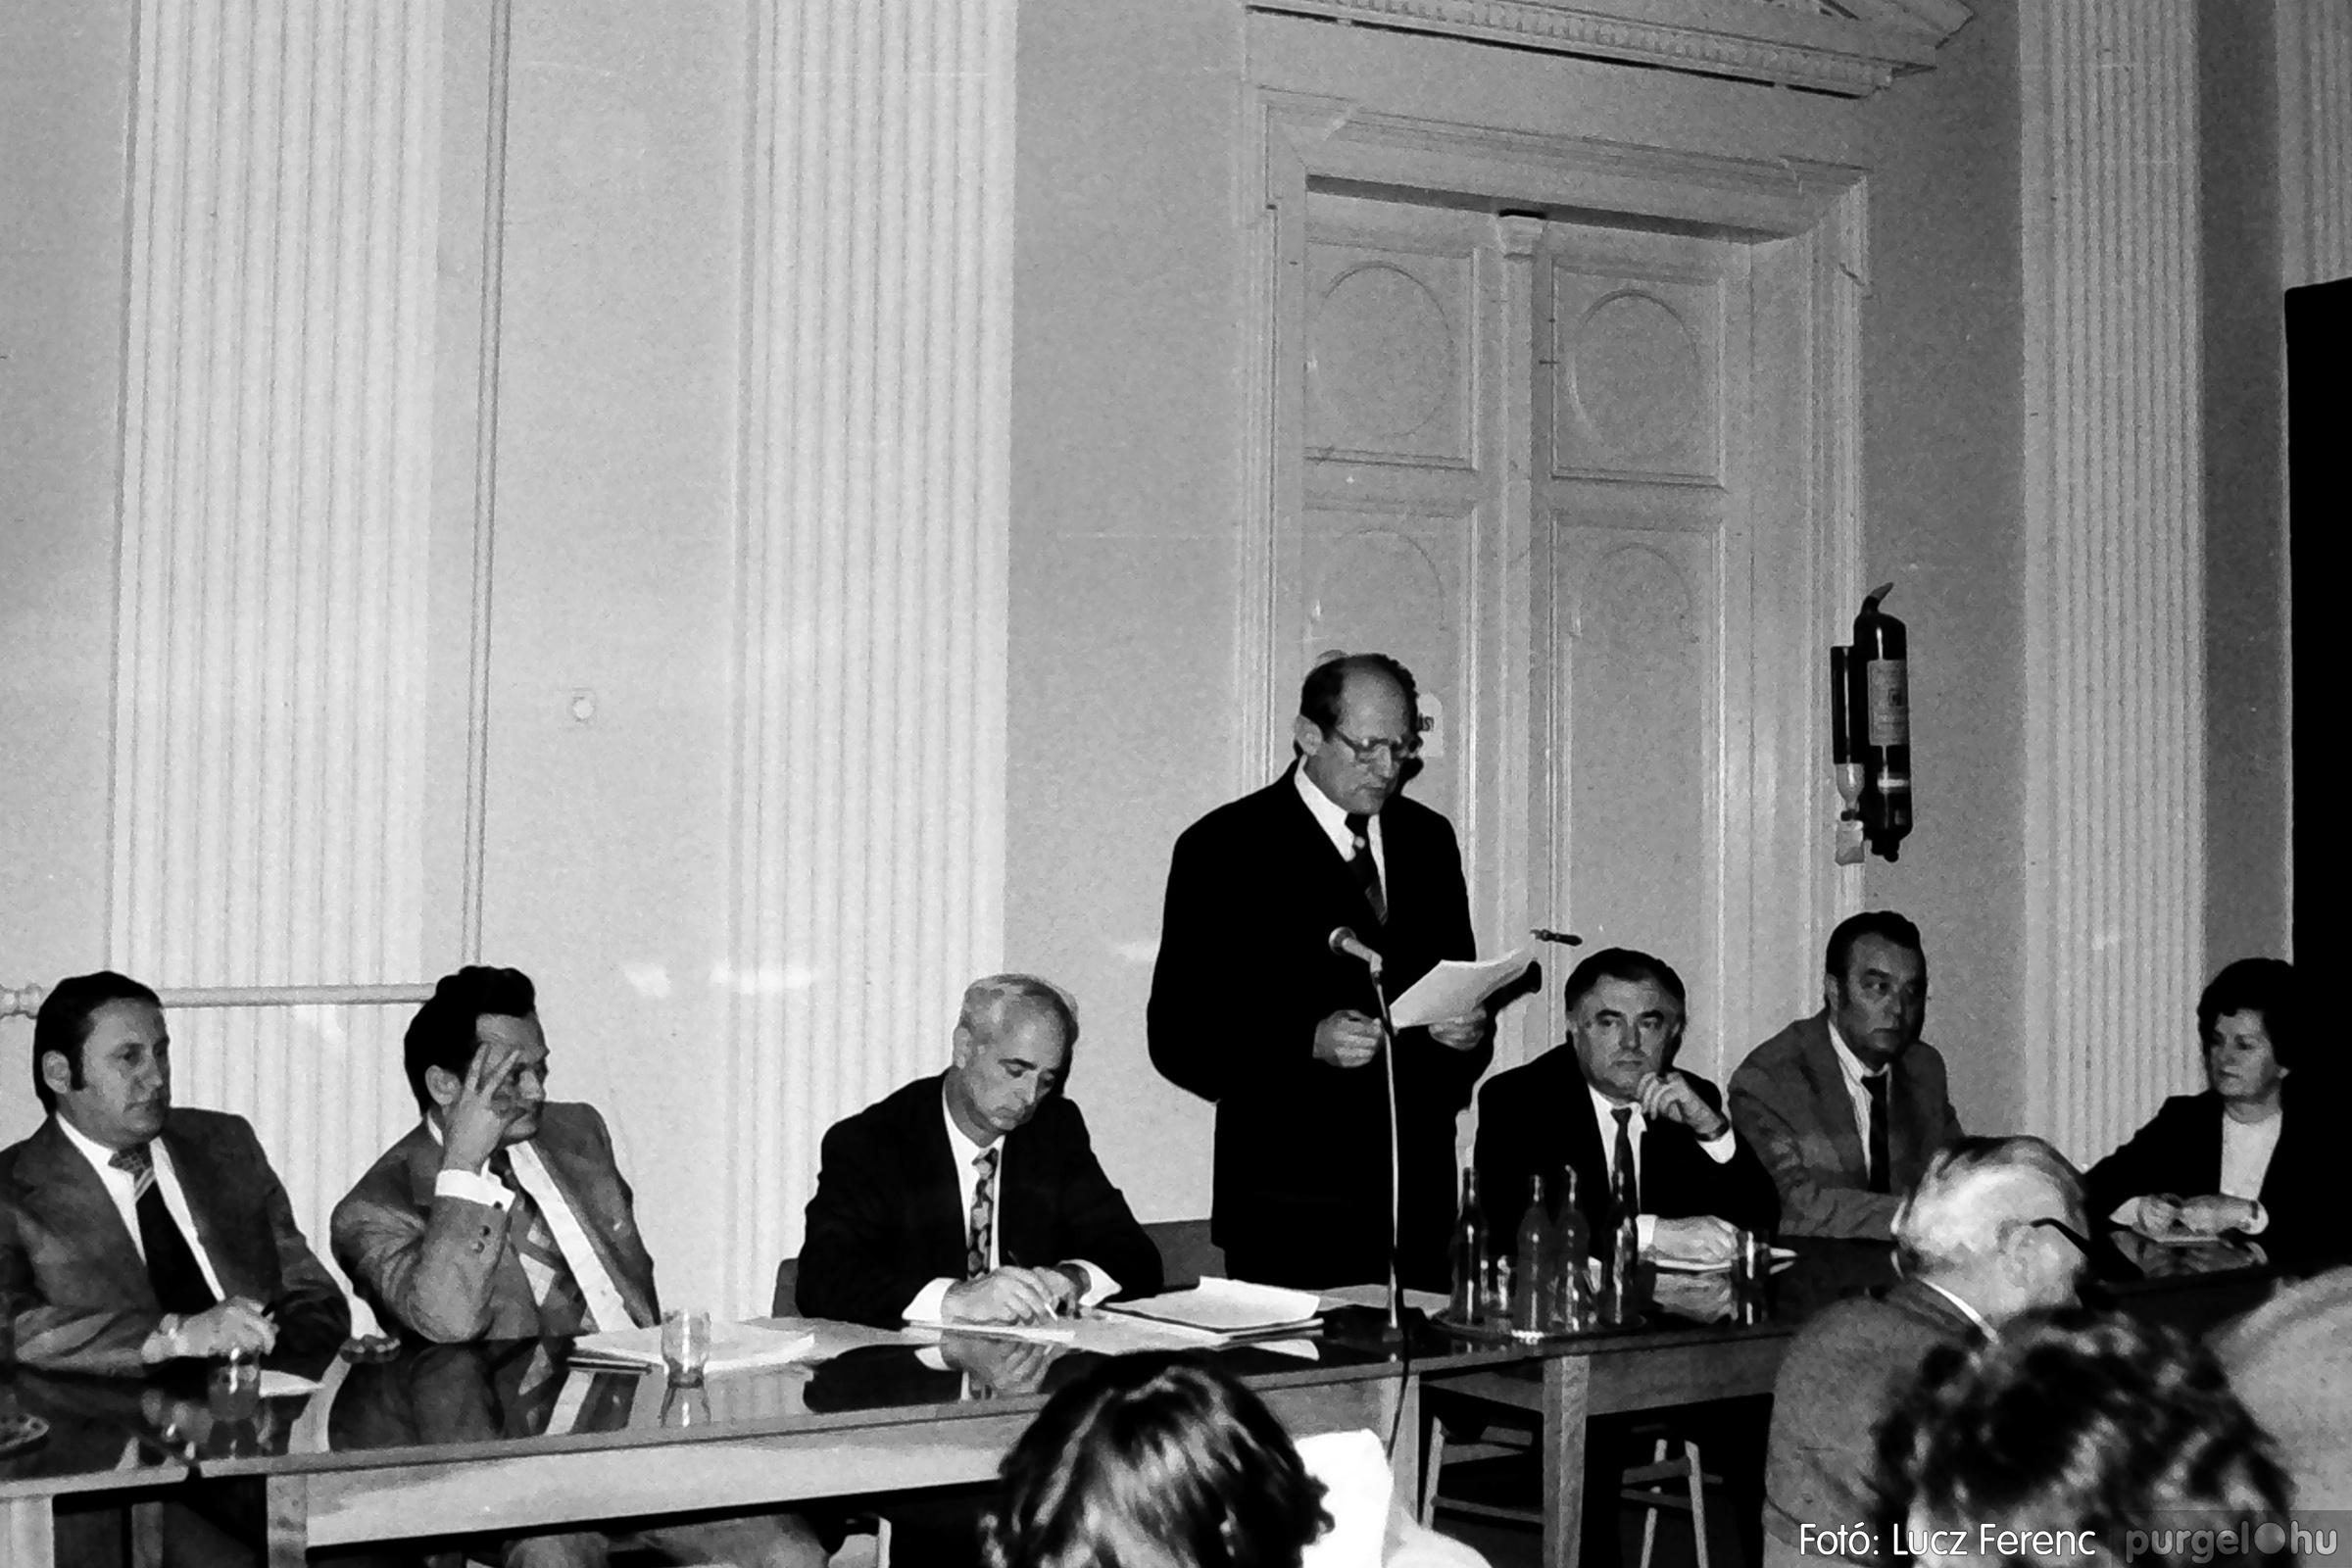 072. 1977. ÁFÉSZ küldöttgyűlés a szentesi megyeházban 009. - Fotó: Lucz Ferenc.jpg